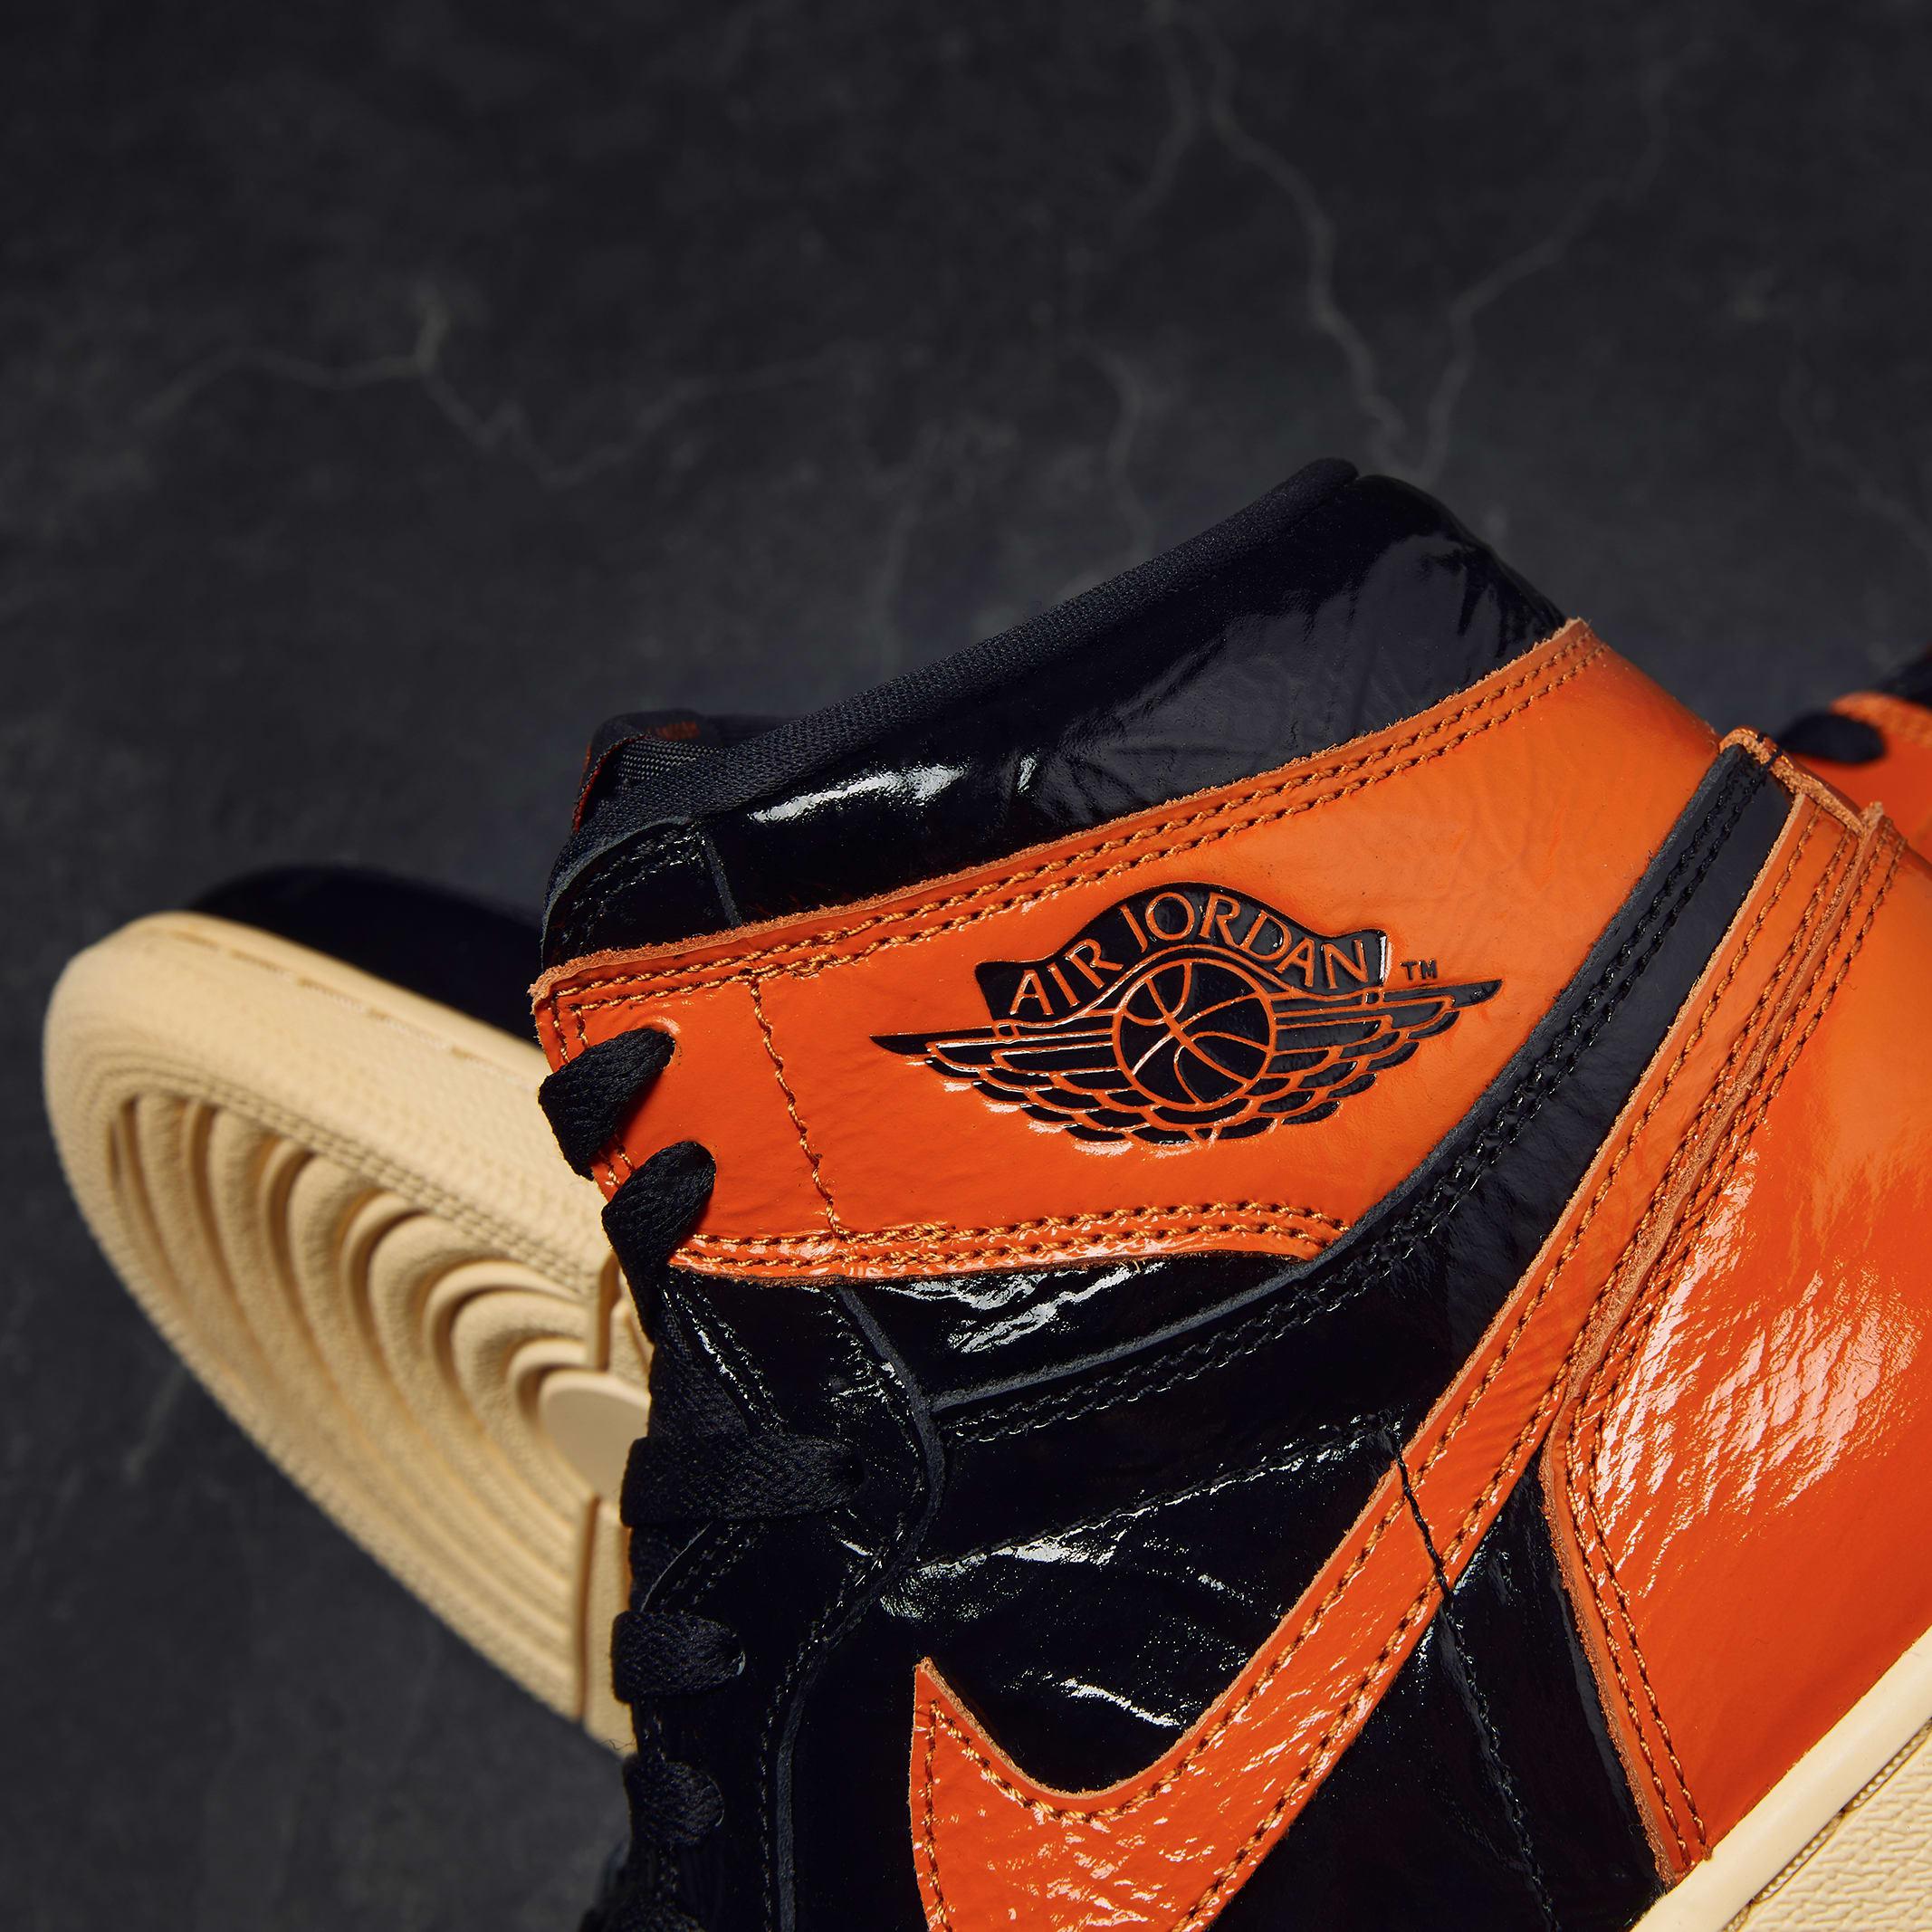 Air Jordan 1 Retro High OG 'Shattered Backboard 3.0' - 555088-028